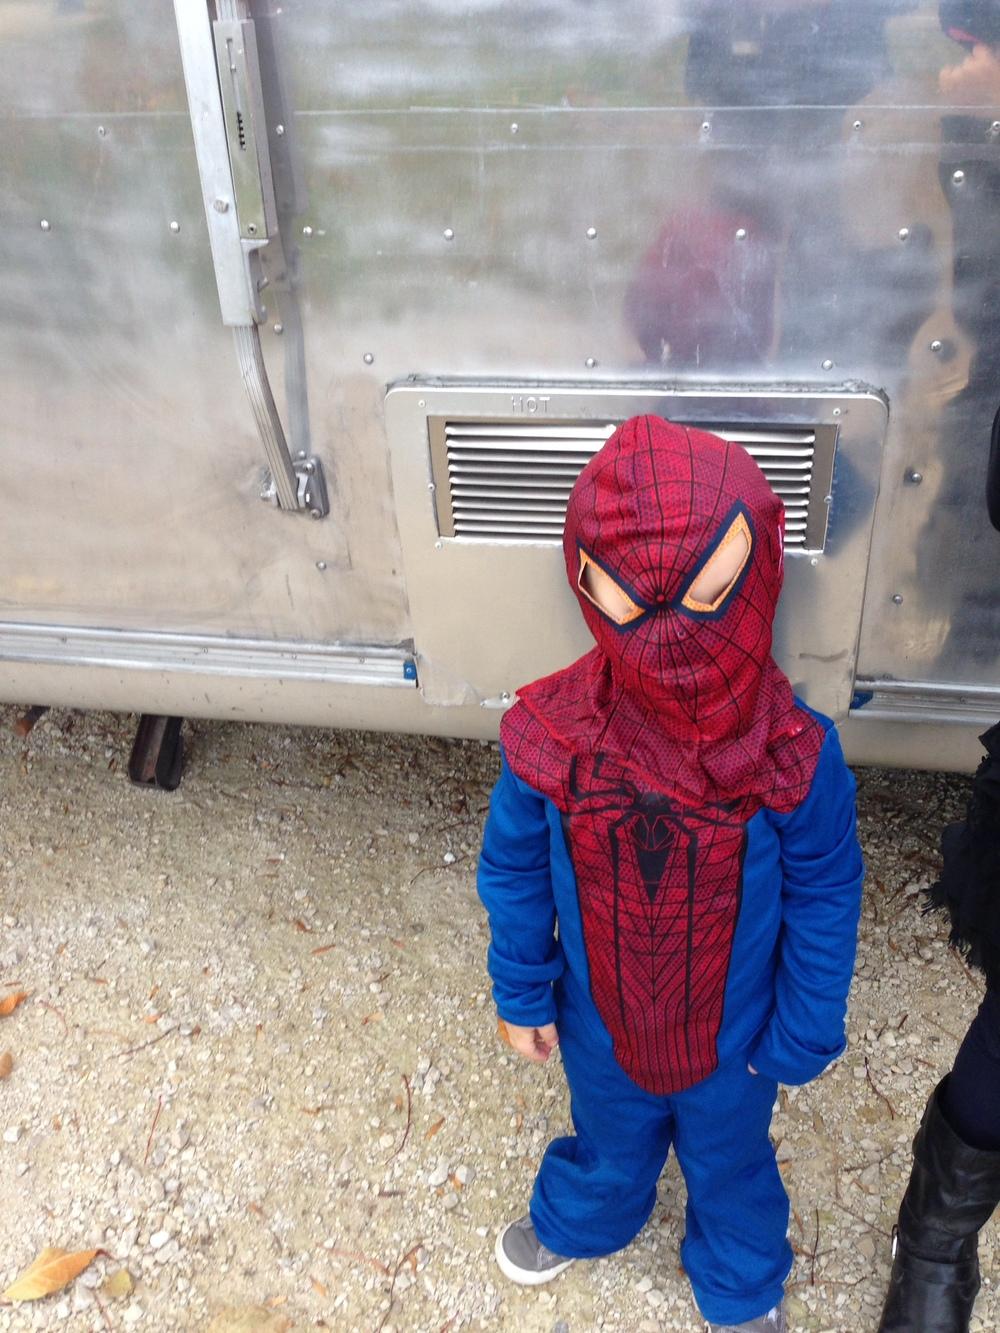 MJMJ as Spiderman